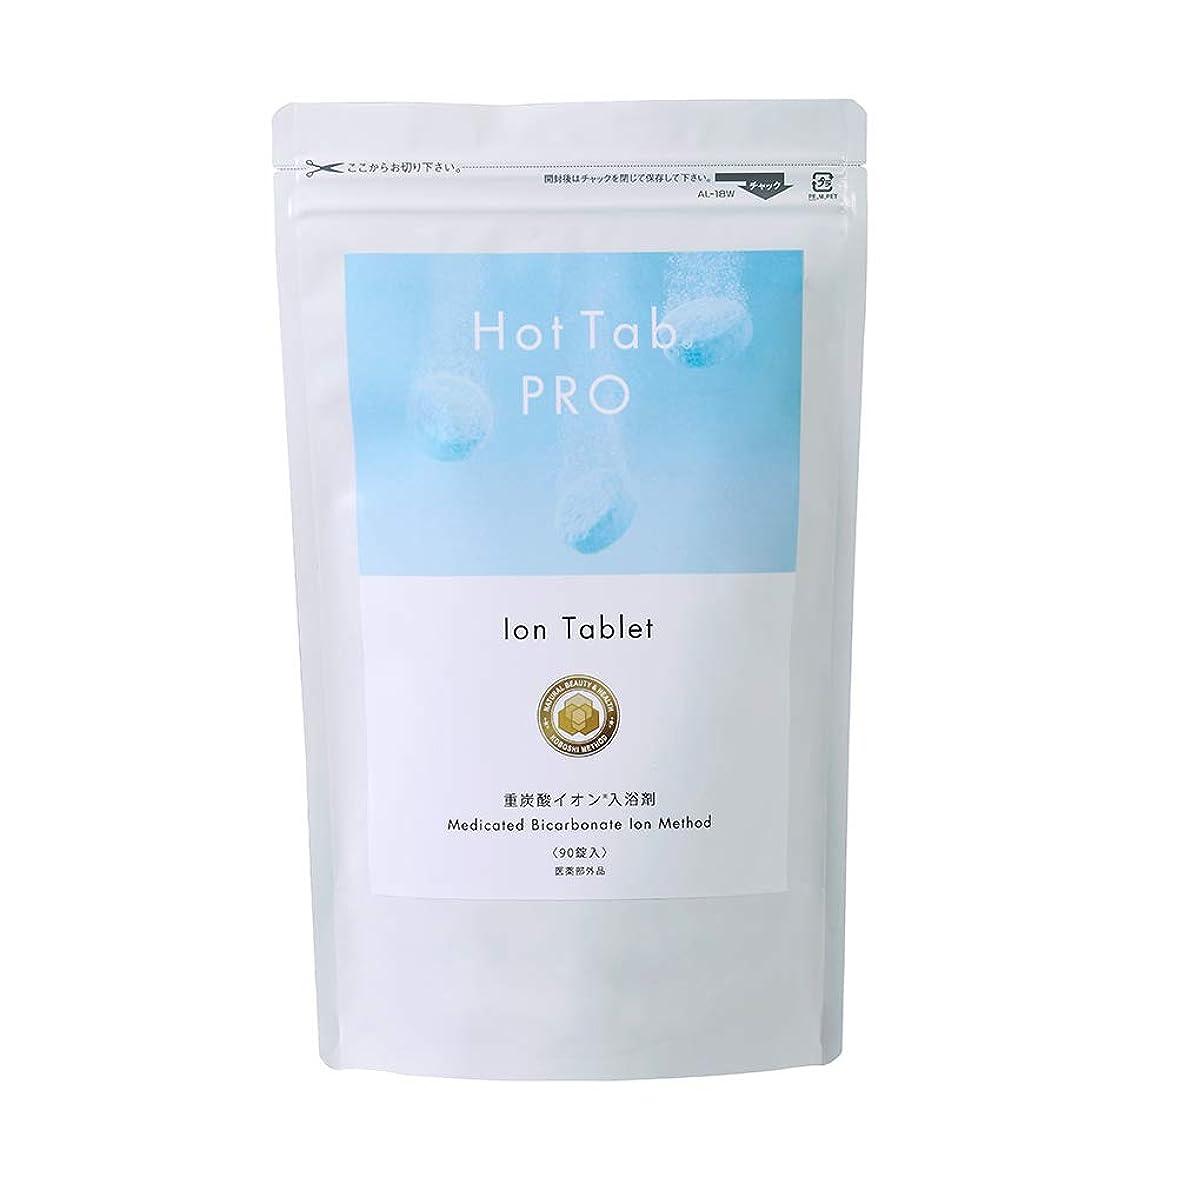 憂鬱な微視的見込み最新型 日本製なめらか重炭酸入浴剤「ホットタブPro」(デリケートな肌でも安心 無香料 無着色 中性pH) (お得な90錠セット)